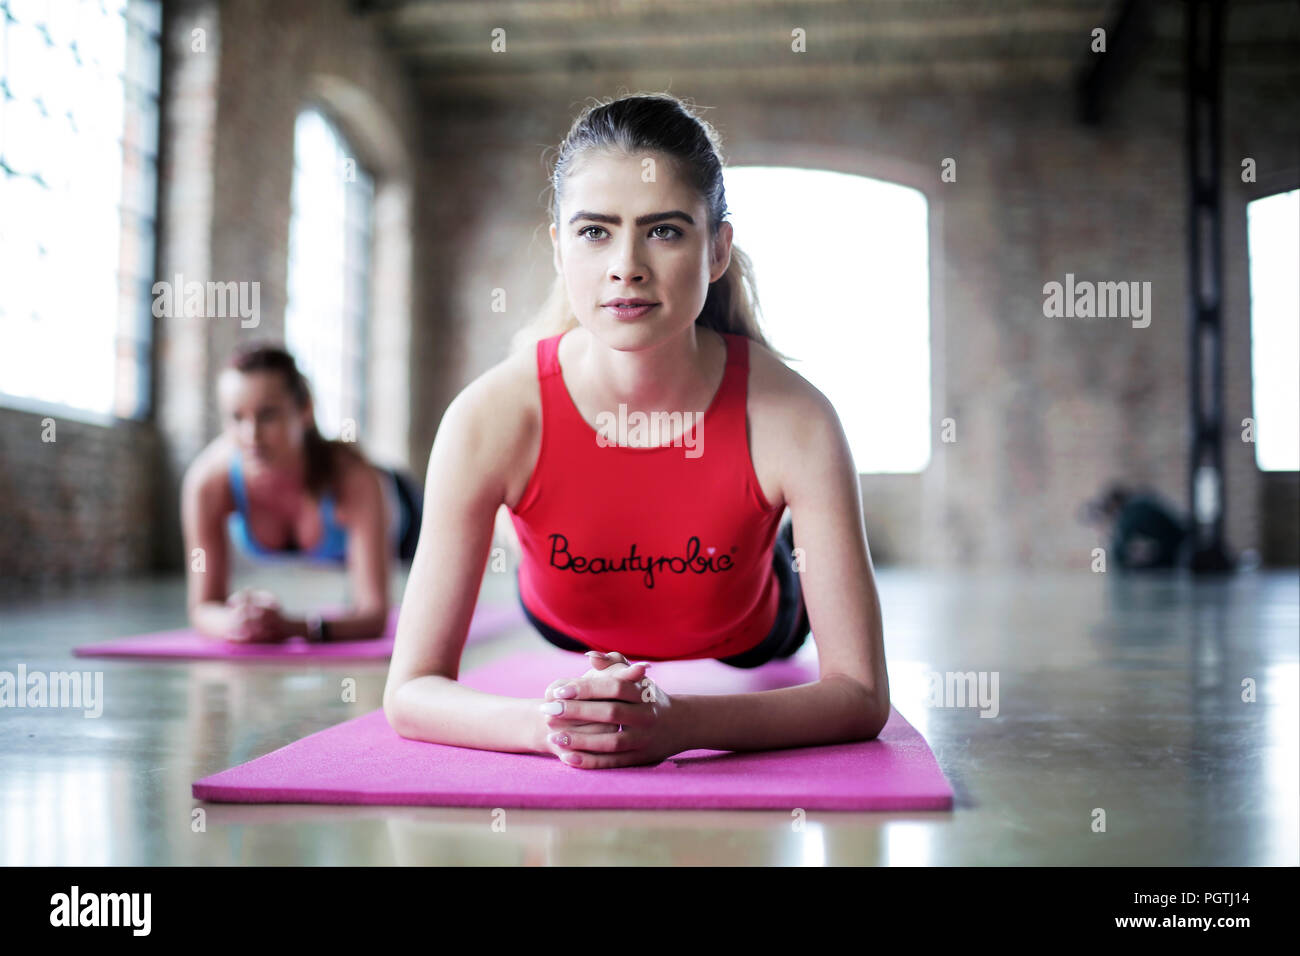 Belle Donne godendo di aerobica in palestra, donne allenamento sul tappetino palestra prima della formazione Immagini Stock